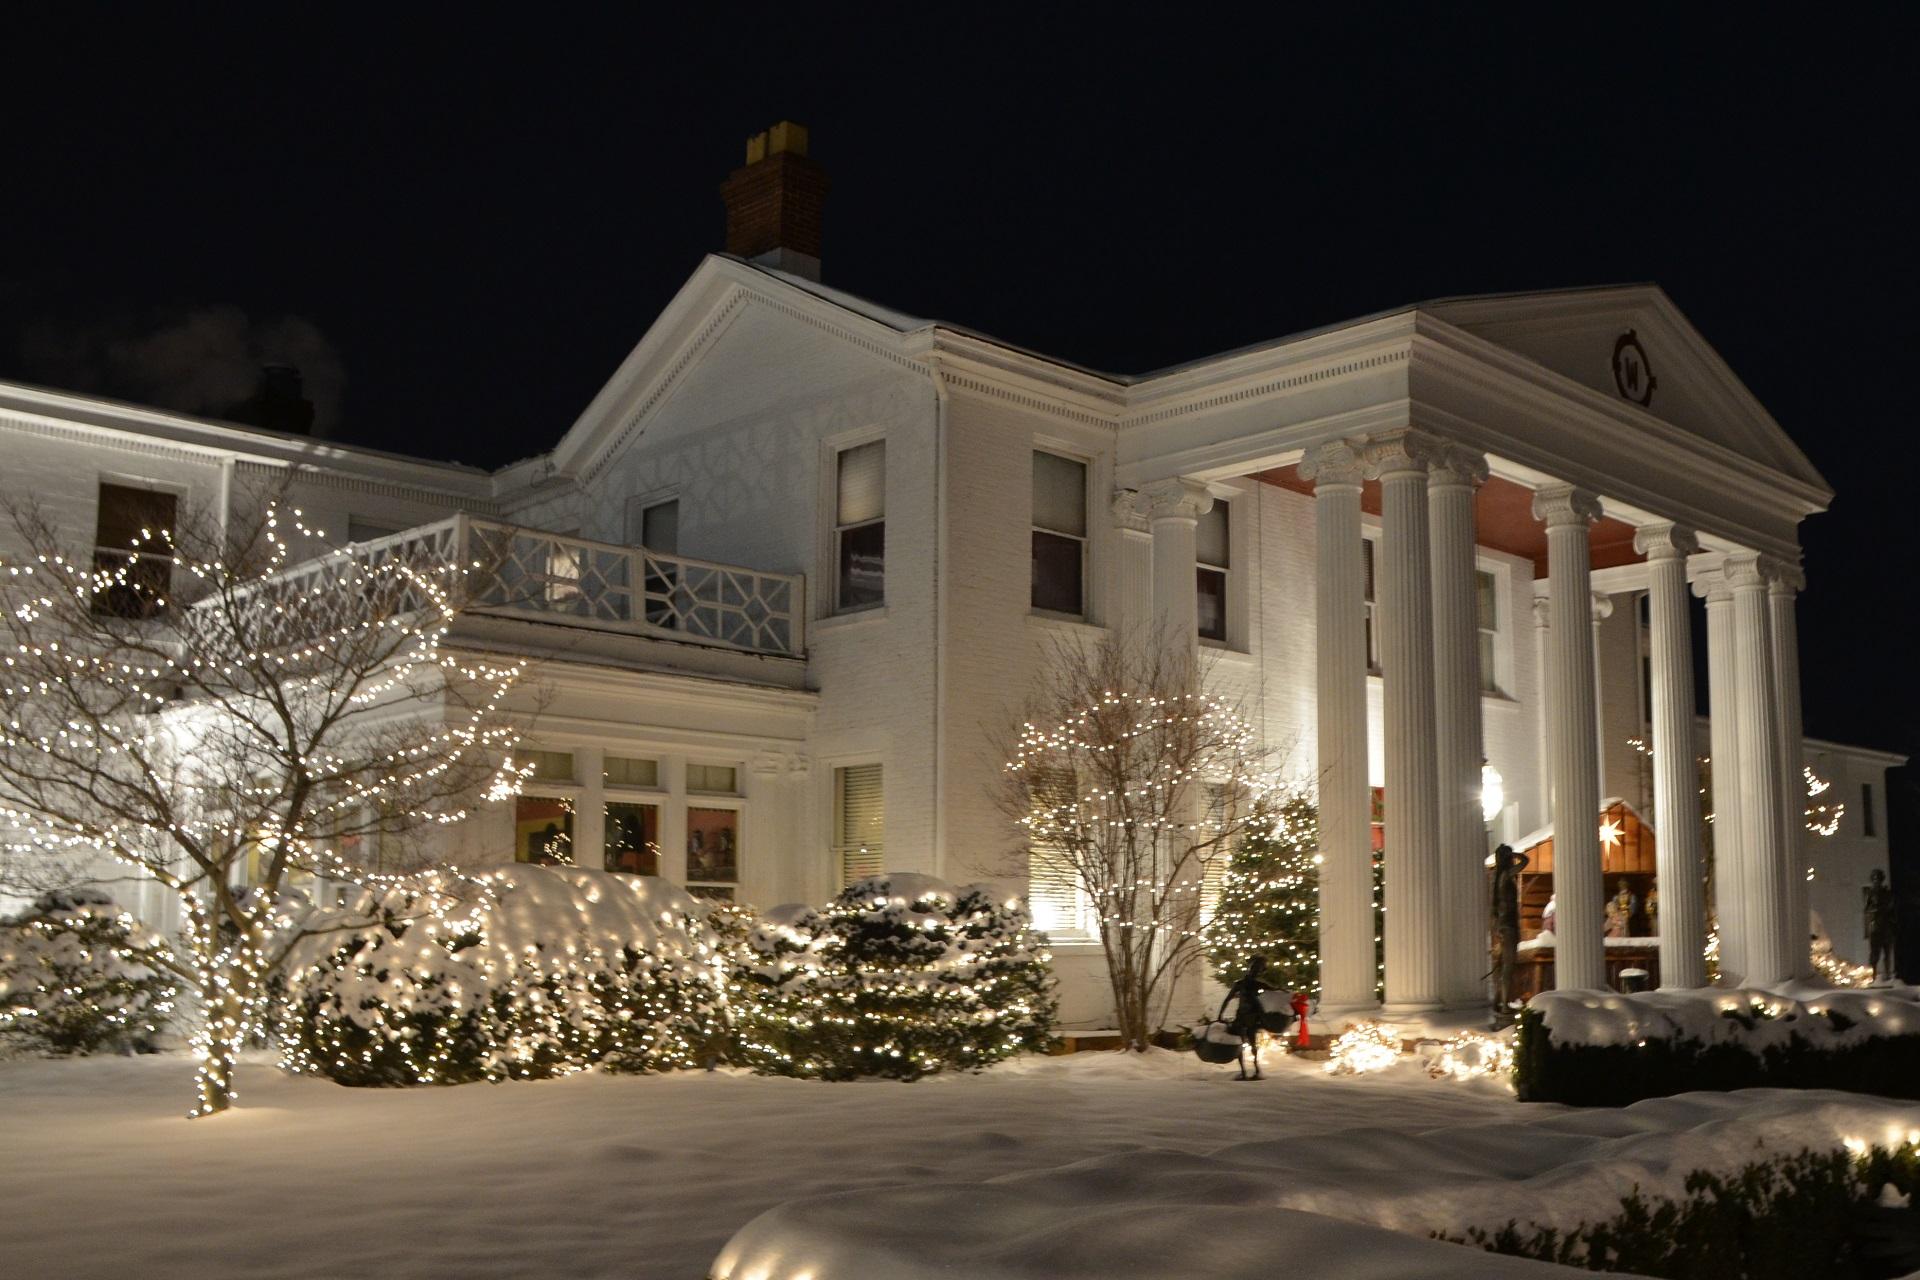 tara a country inn in the winter